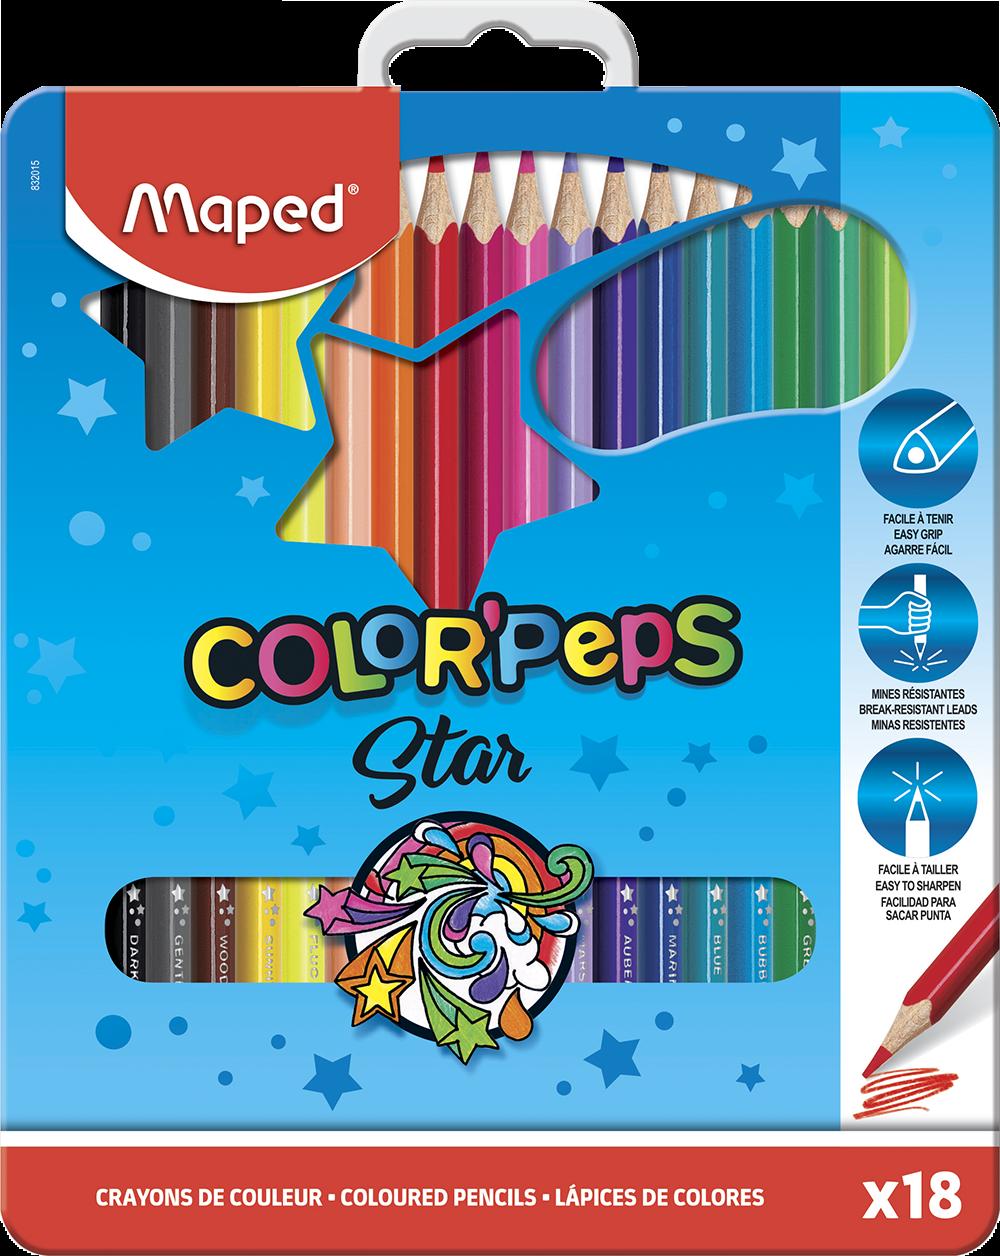 Цветные карандаши ColorPeps Star вметаллической коробке, 18 цв.